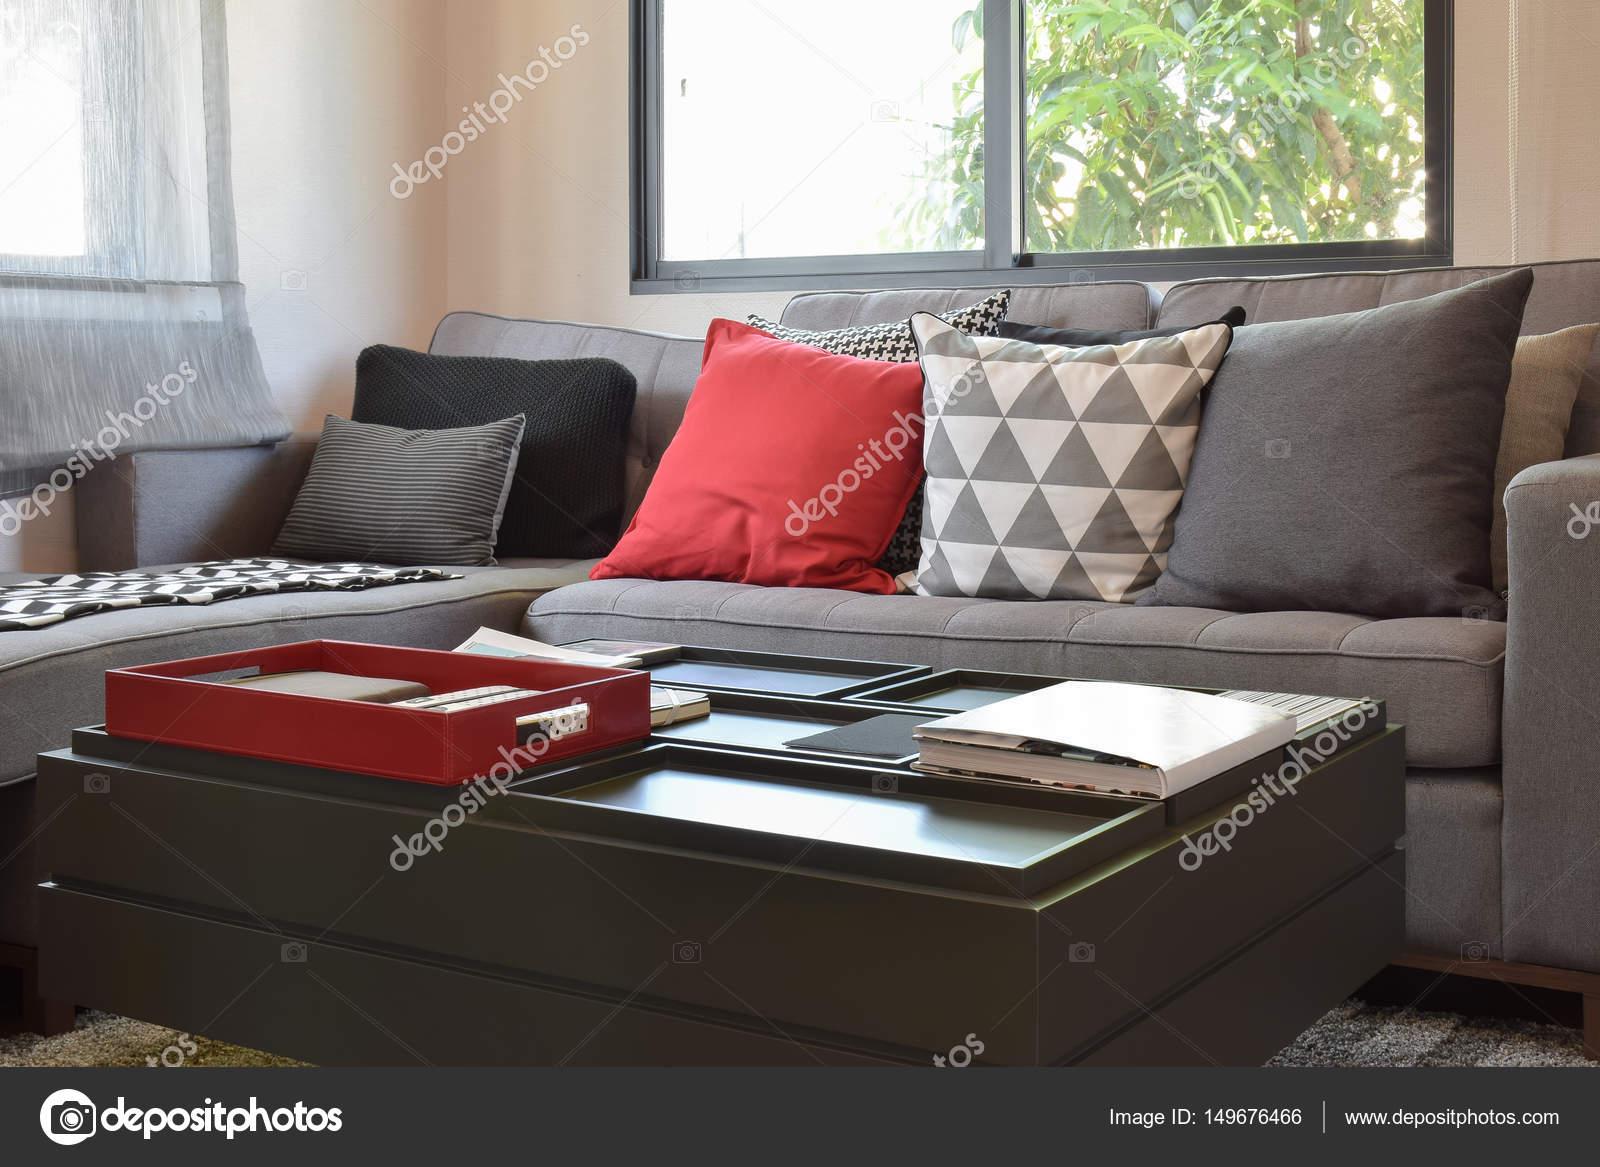 Moderne Wohnzimmer Design Mit Roten Und Grauen Kissen Auf Sofa U2014 Stockfoto